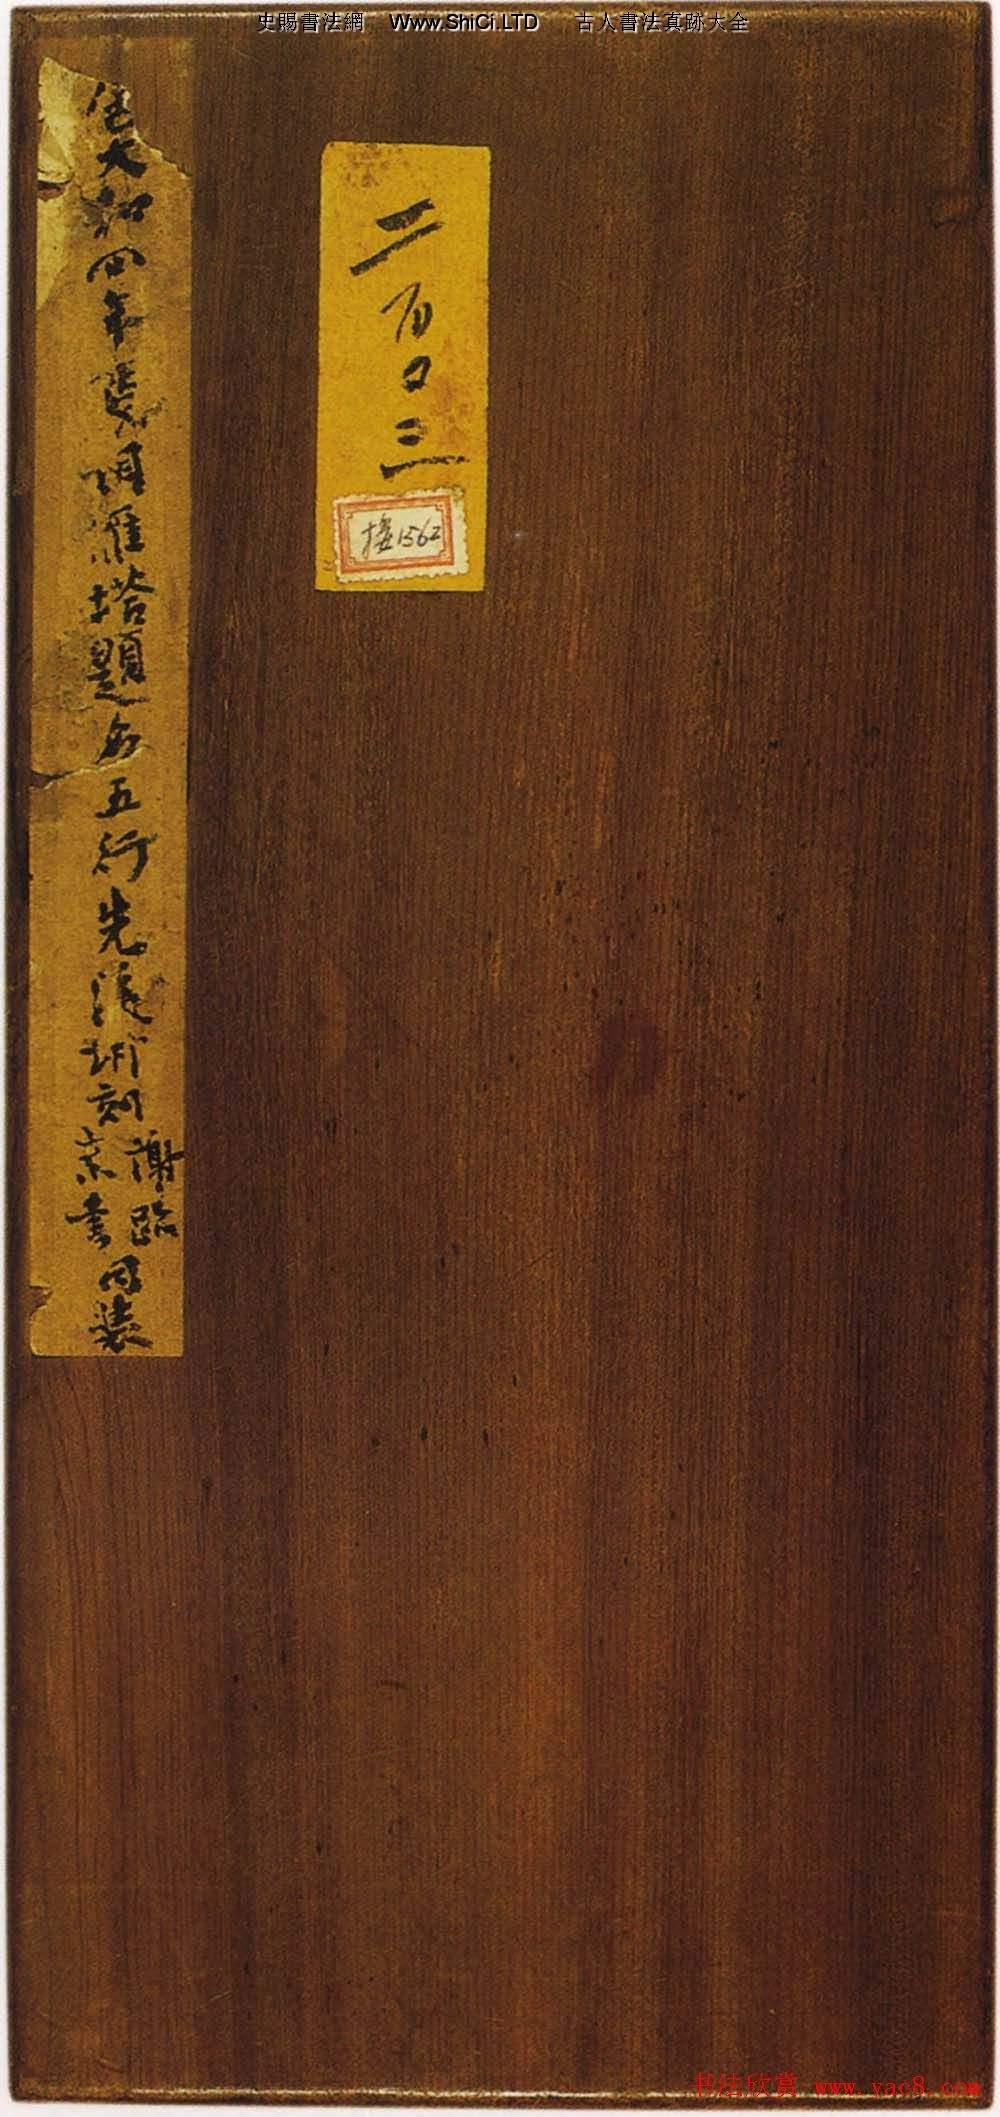 懷素草書真跡欣賞聖母帖高清彩版(共12張圖片)